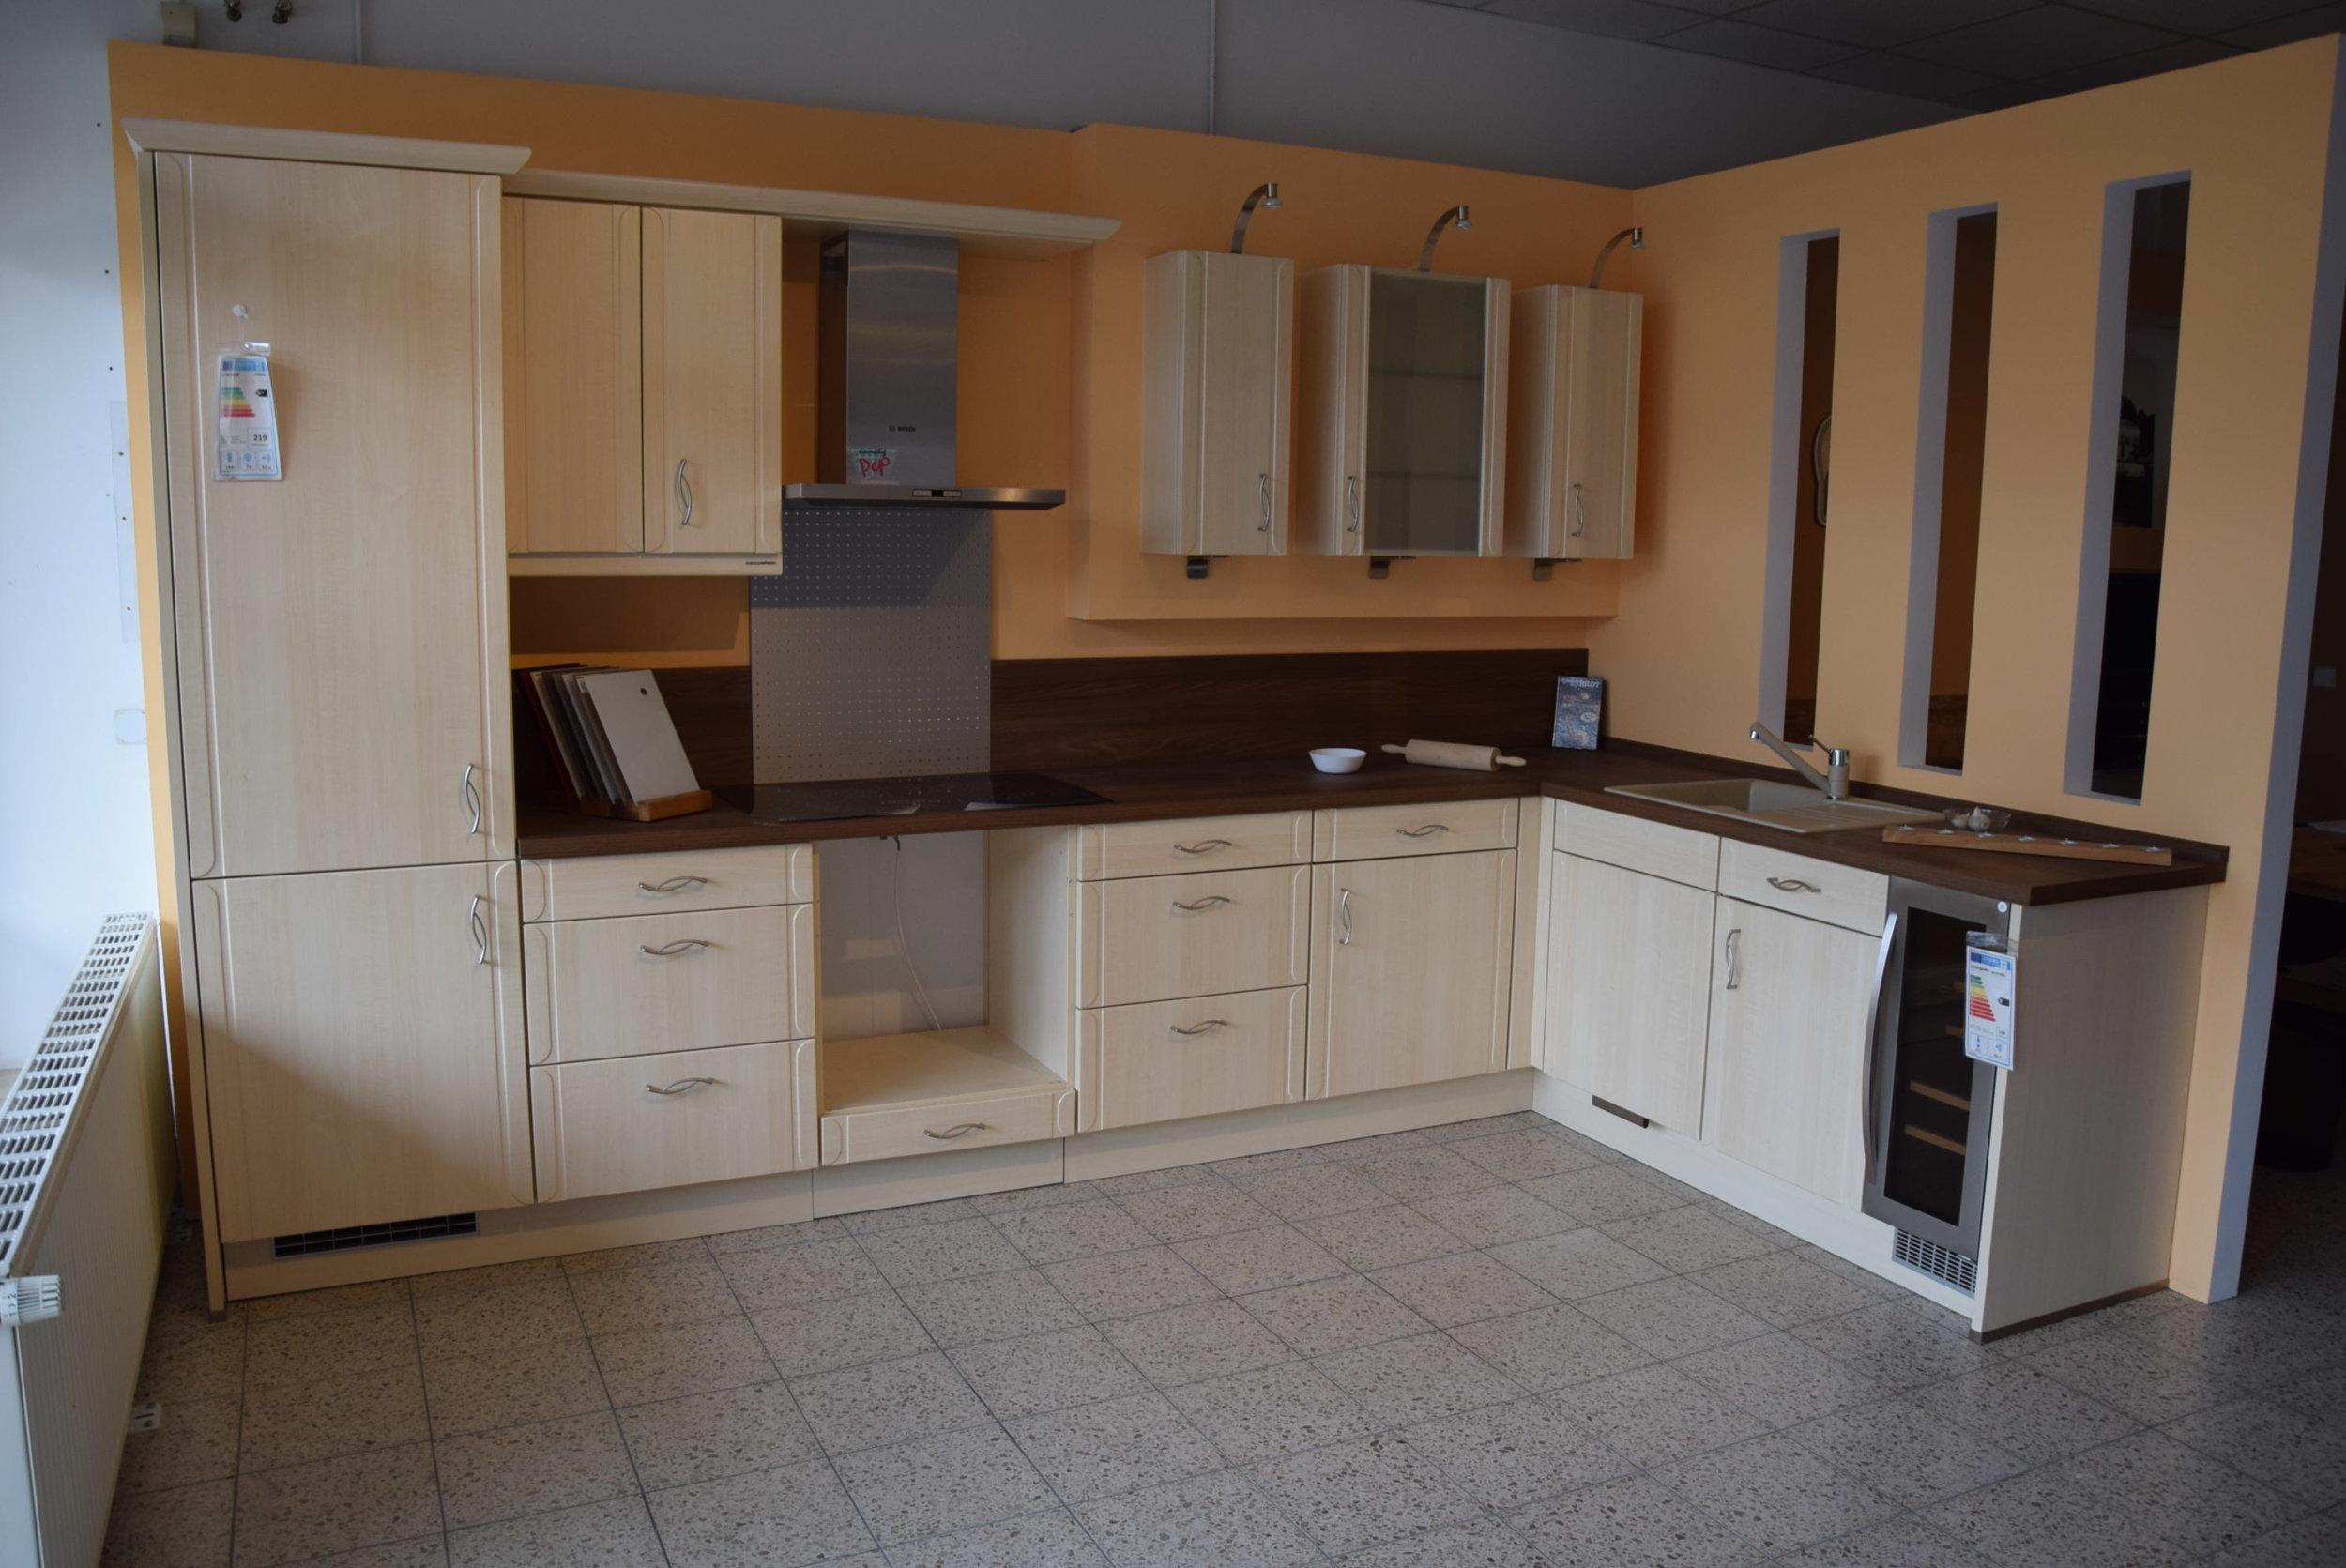 Full Size of L Küche Kaufen Günstig Küche Günstig Kaufen Darmstadt Küche Günstig Kaufen Ratgeber Küche Günstig Kaufen Mömax Küche Küche Kaufen Günstig